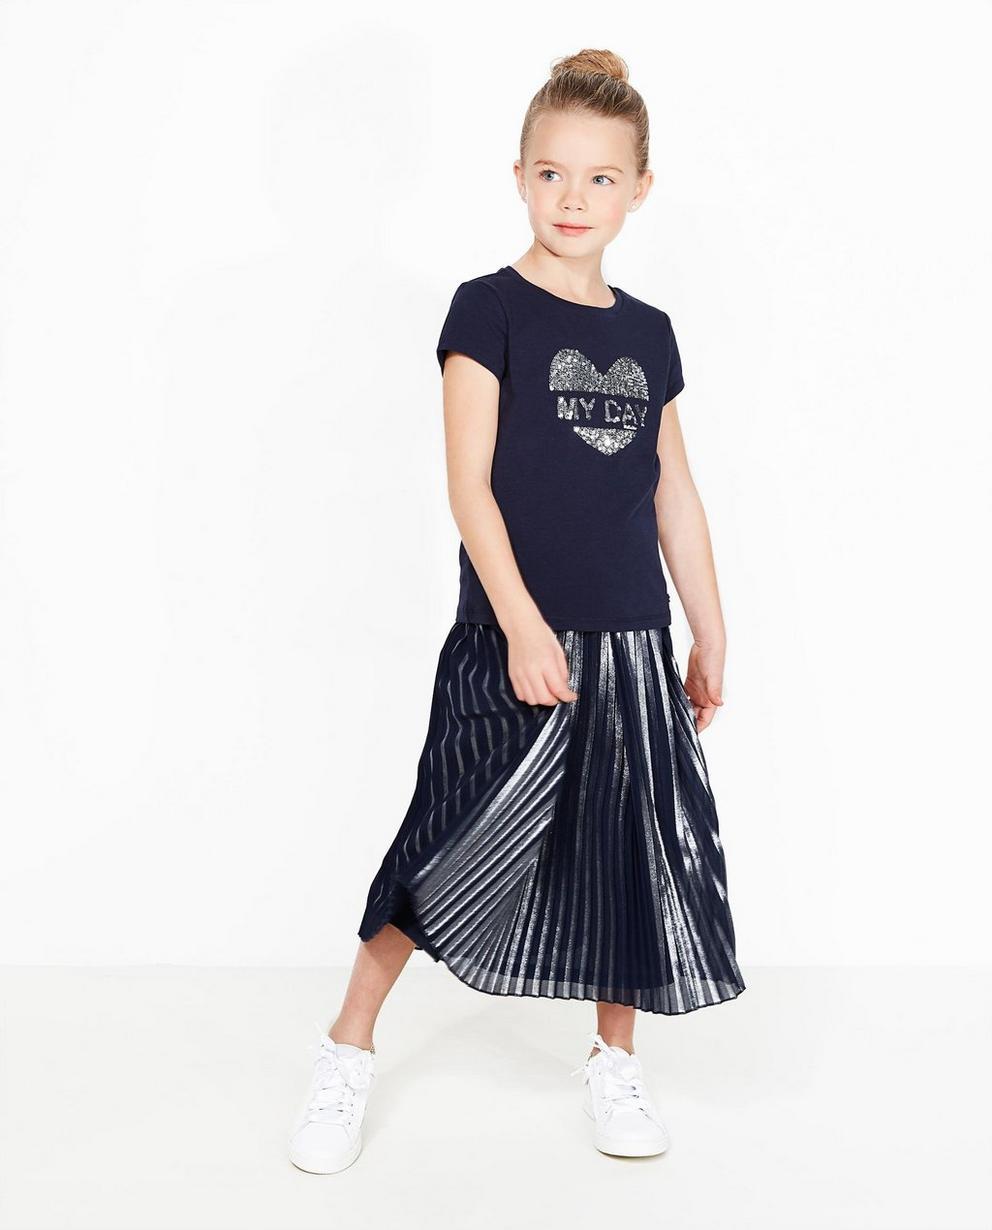 Nachtblaues T-Shirt - mit Paillettenherz - JBC